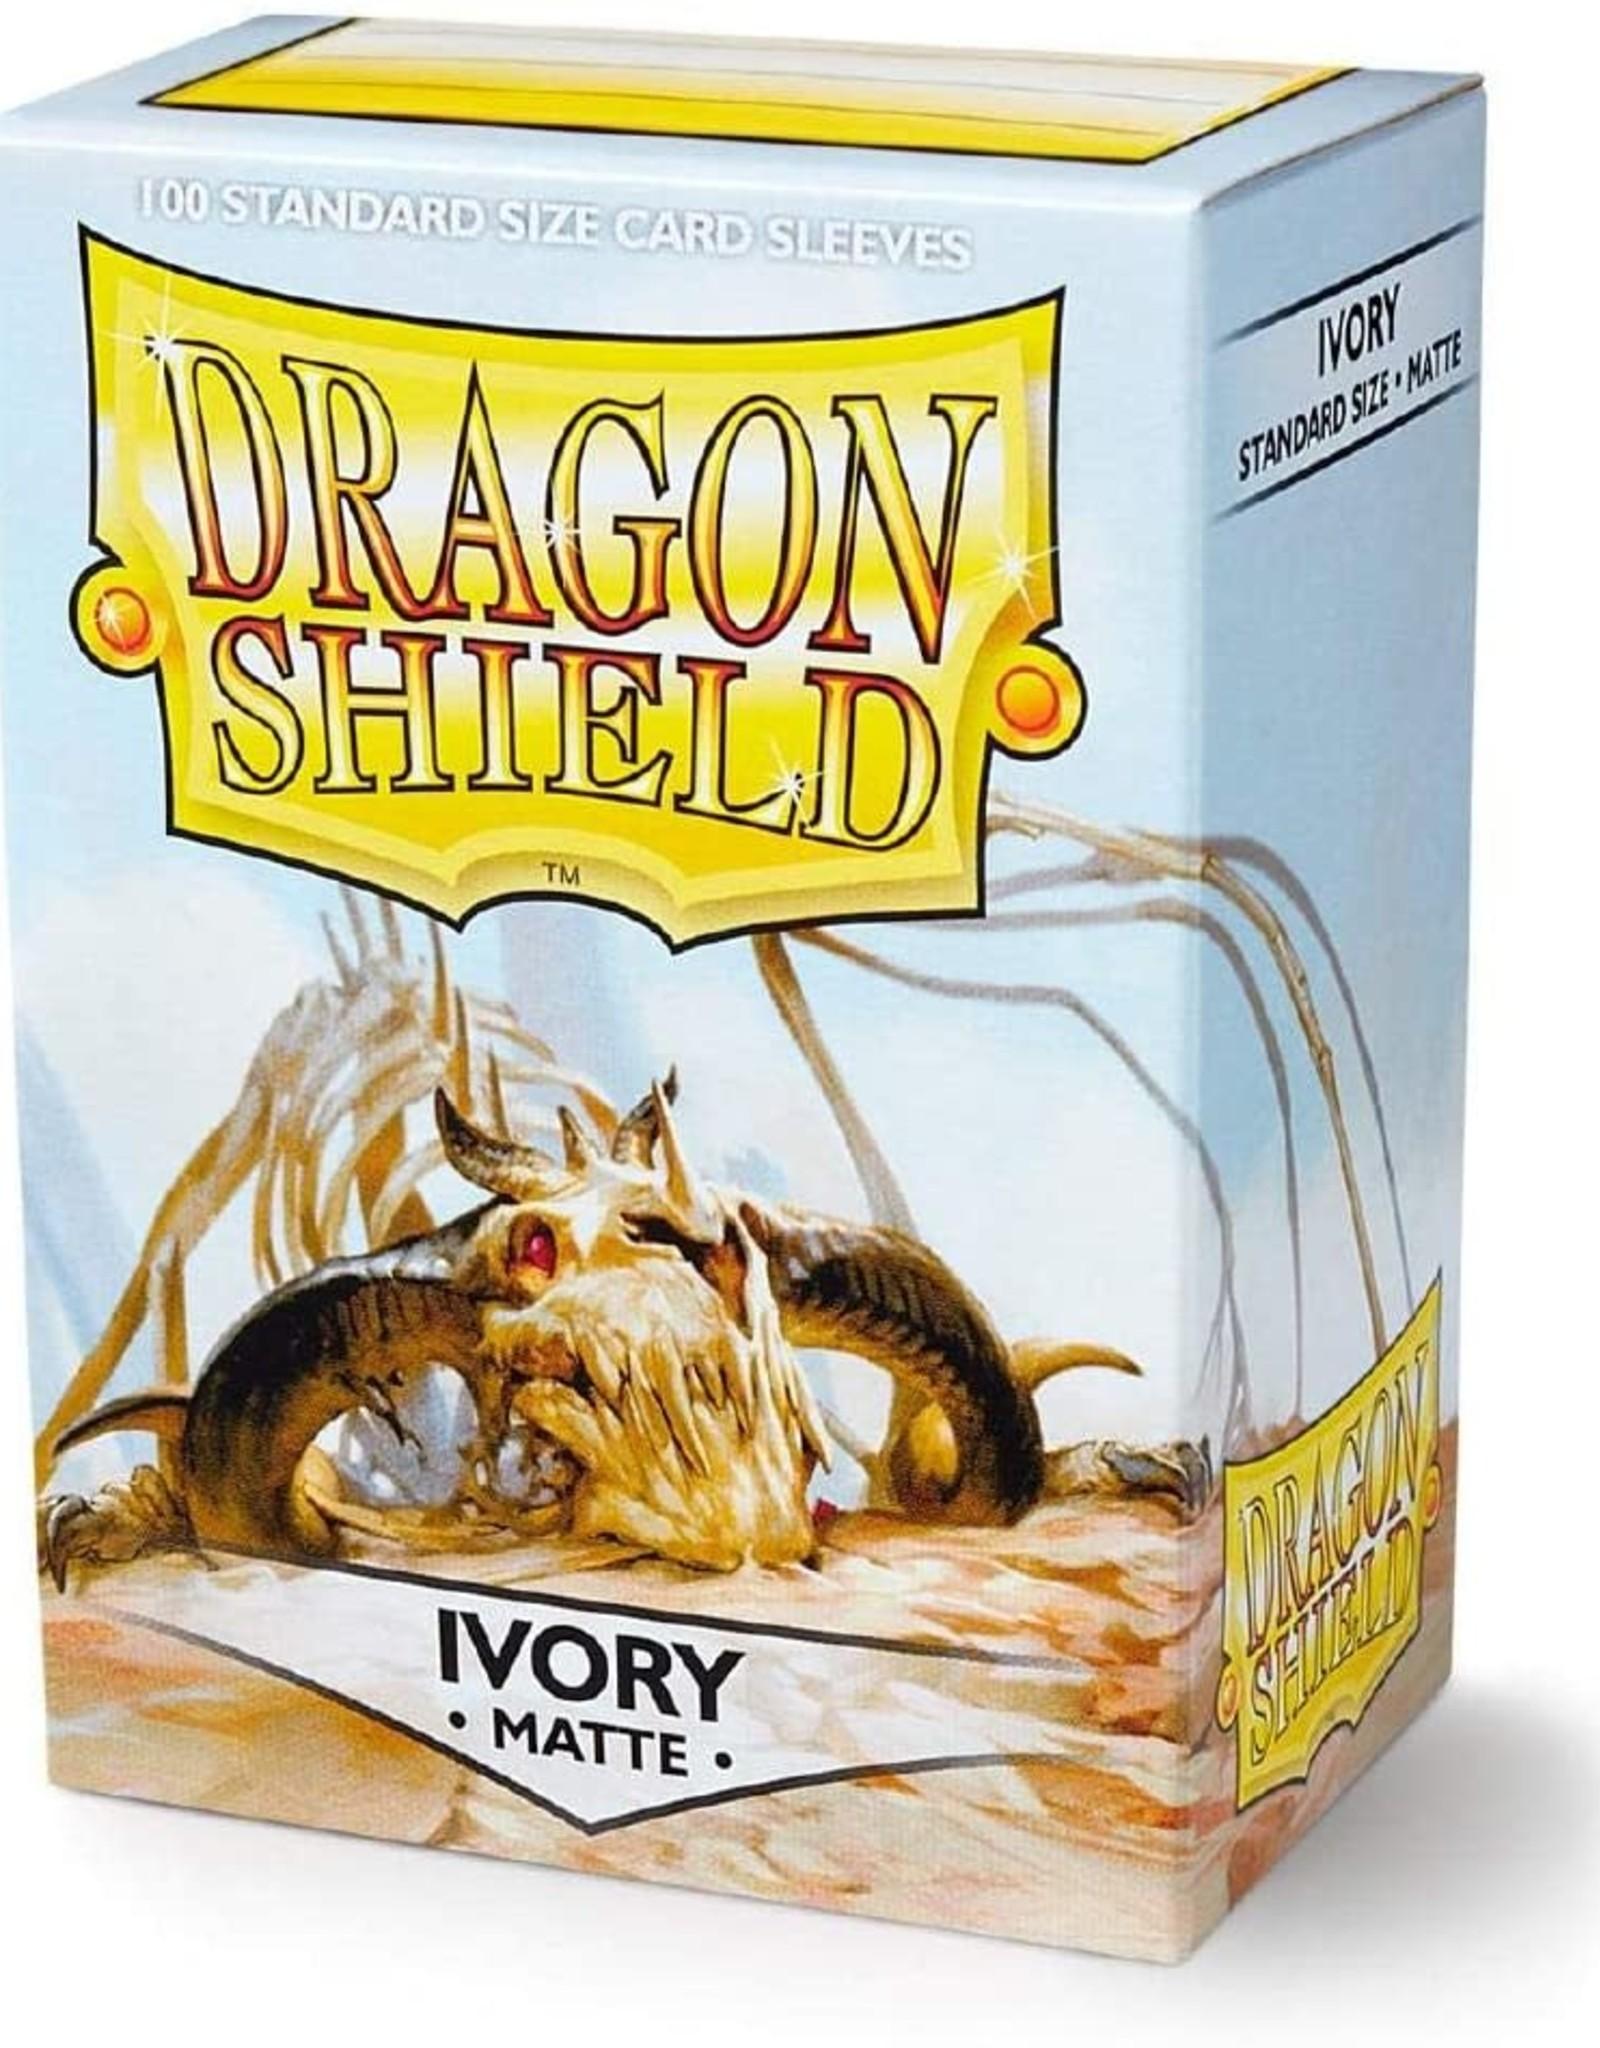 Dragon Shield Ivory - Matte